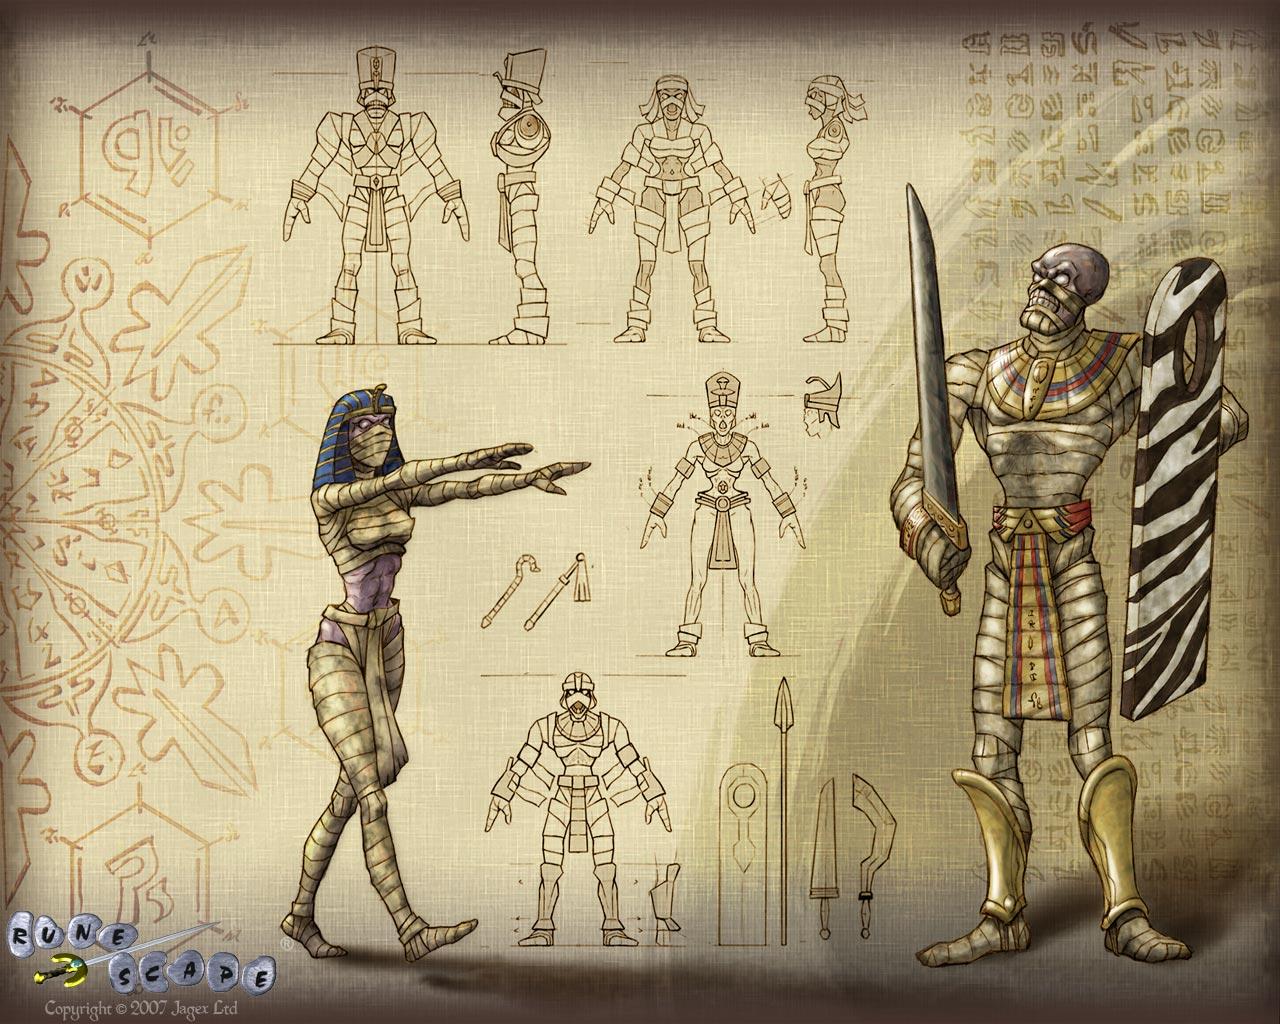 Wallpapers Thread Mummy Runescape Wallpaper Mummy Wallpaper Re 1280x1024